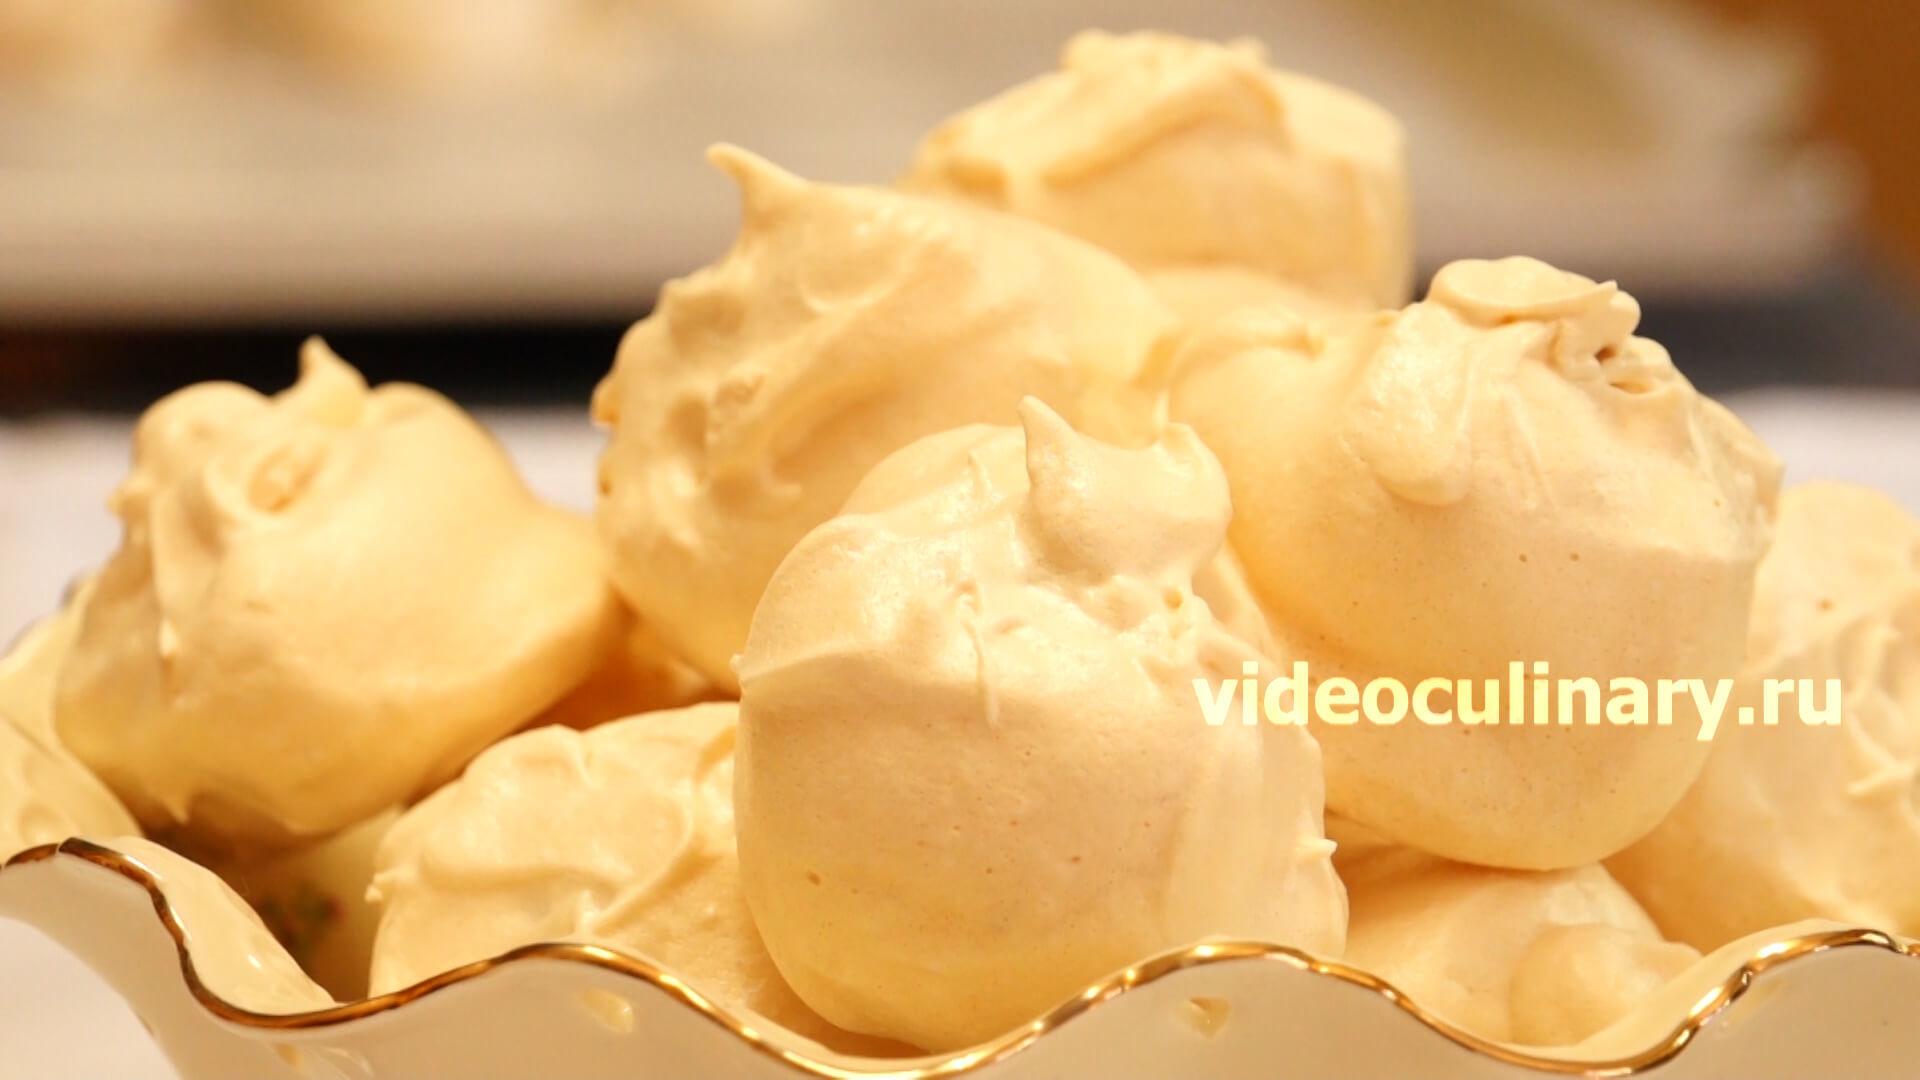 Торты с мороженым фото и рецептами